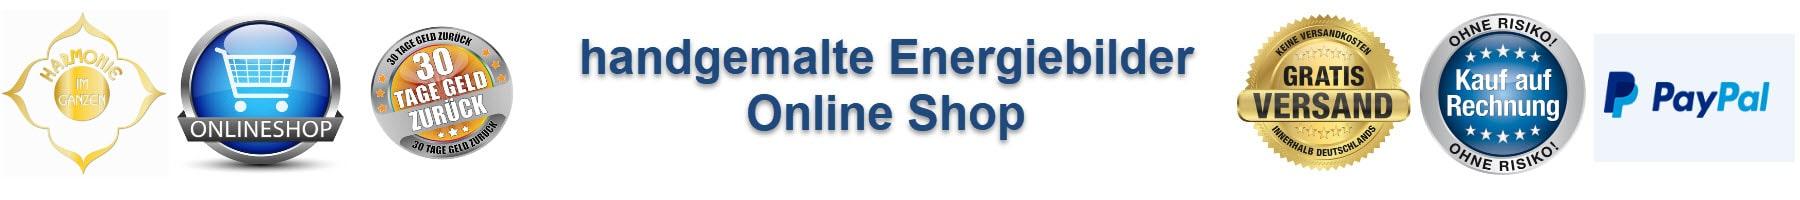 handgemalte Energiebilder kaufen